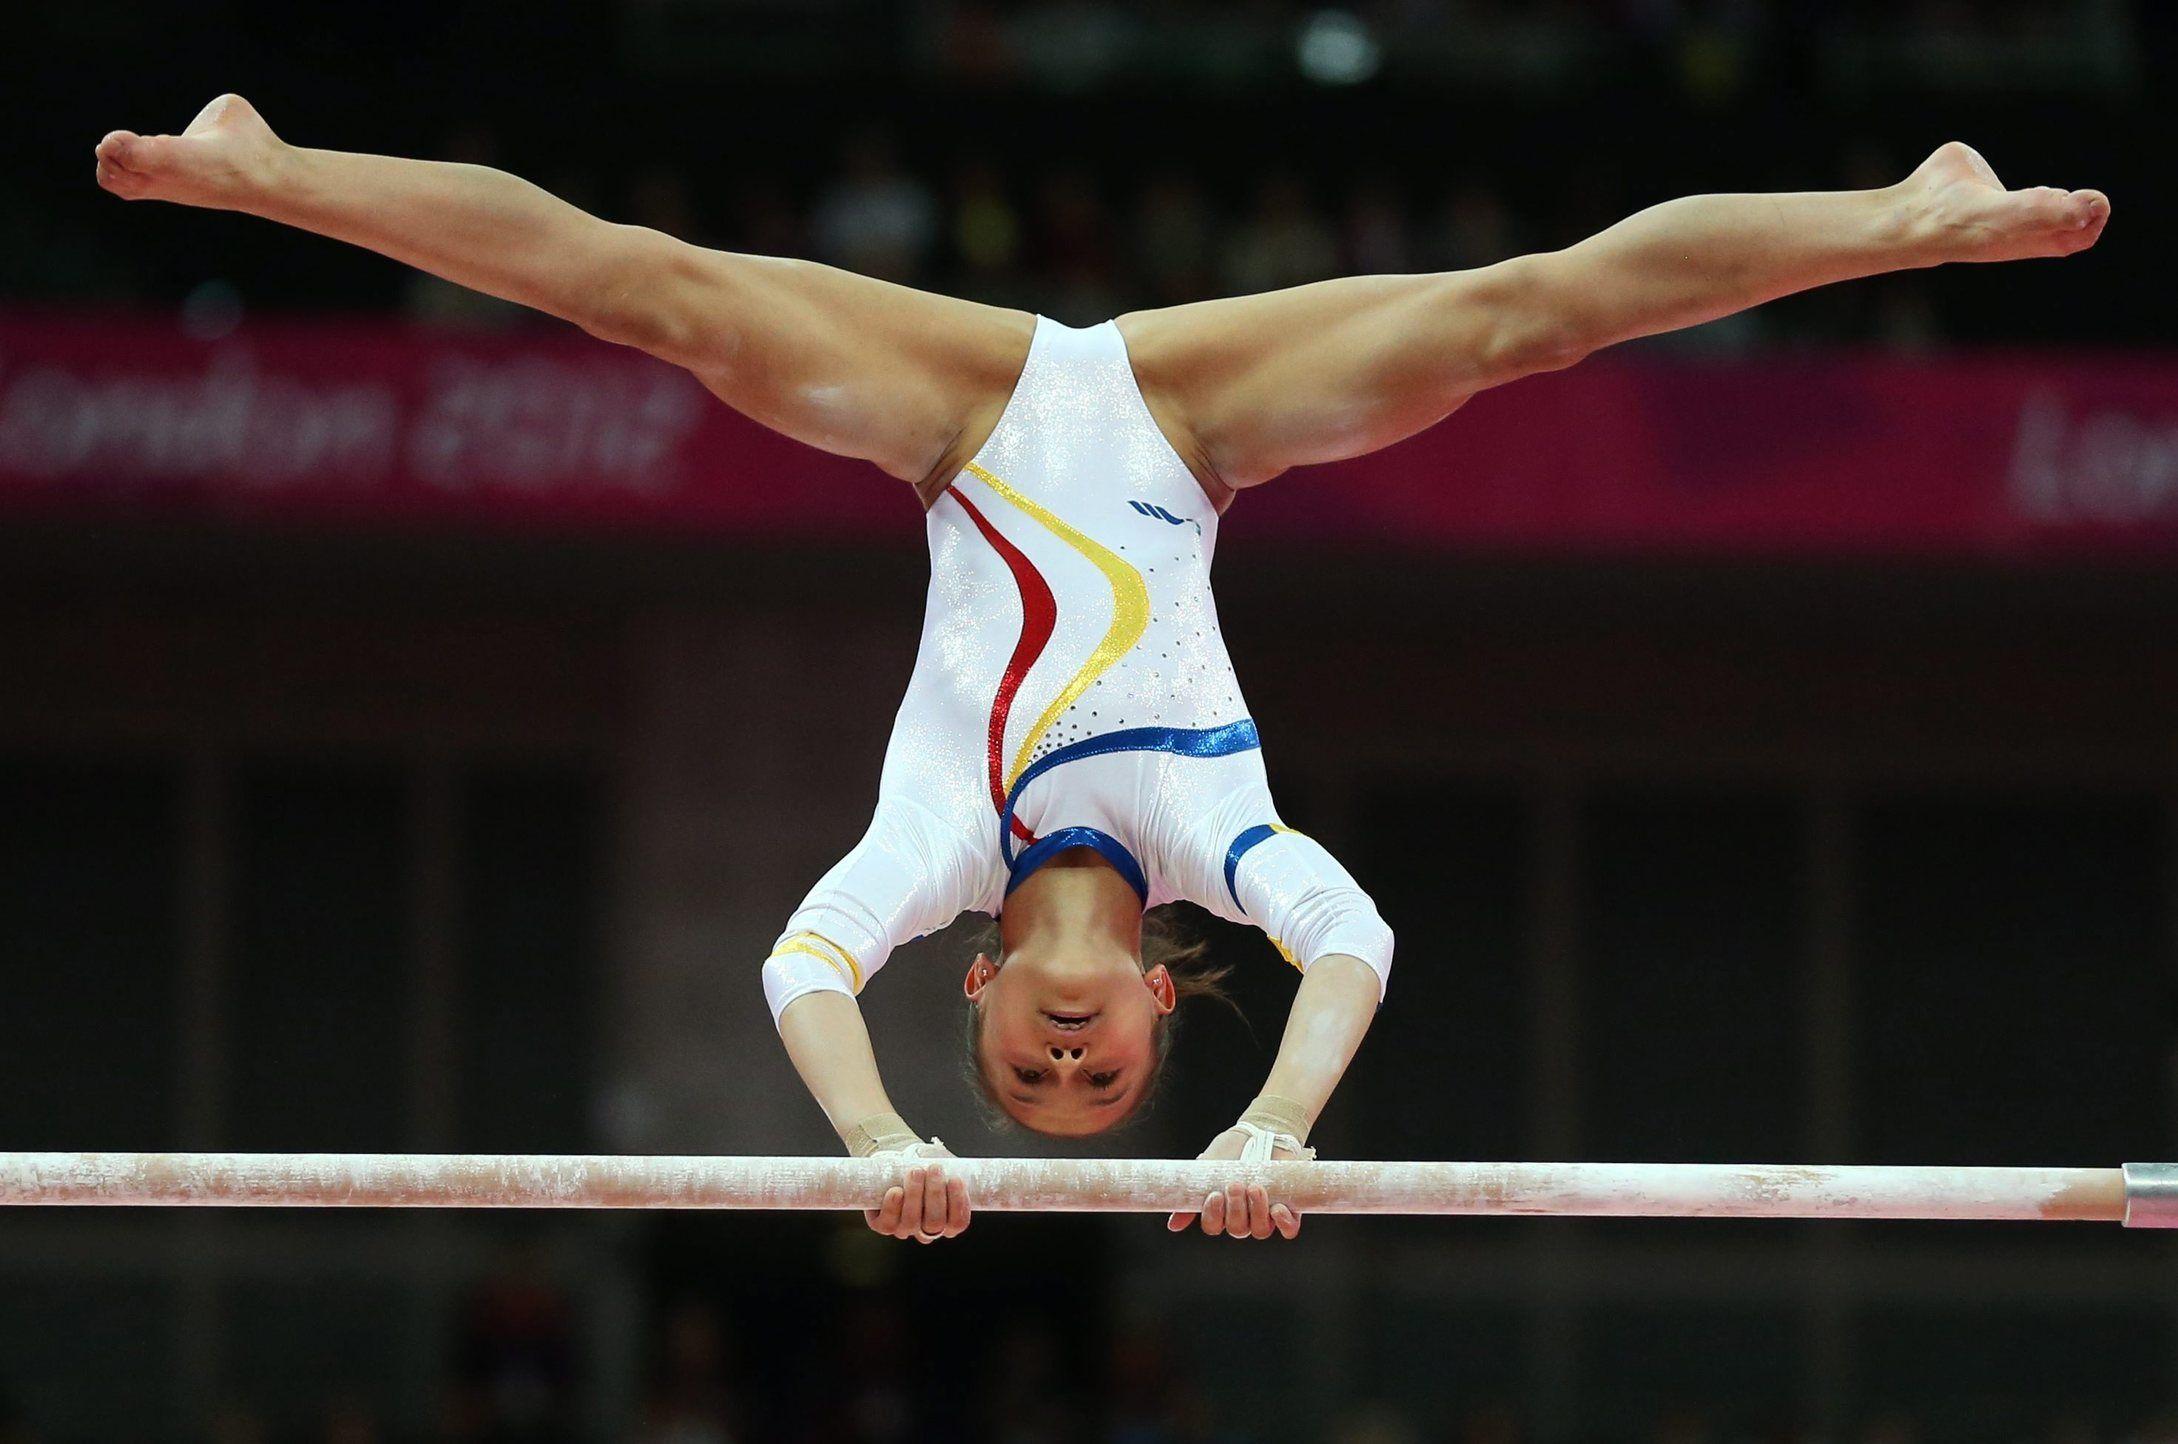 спортивная гимнастика фотографии отсутствии канекалона